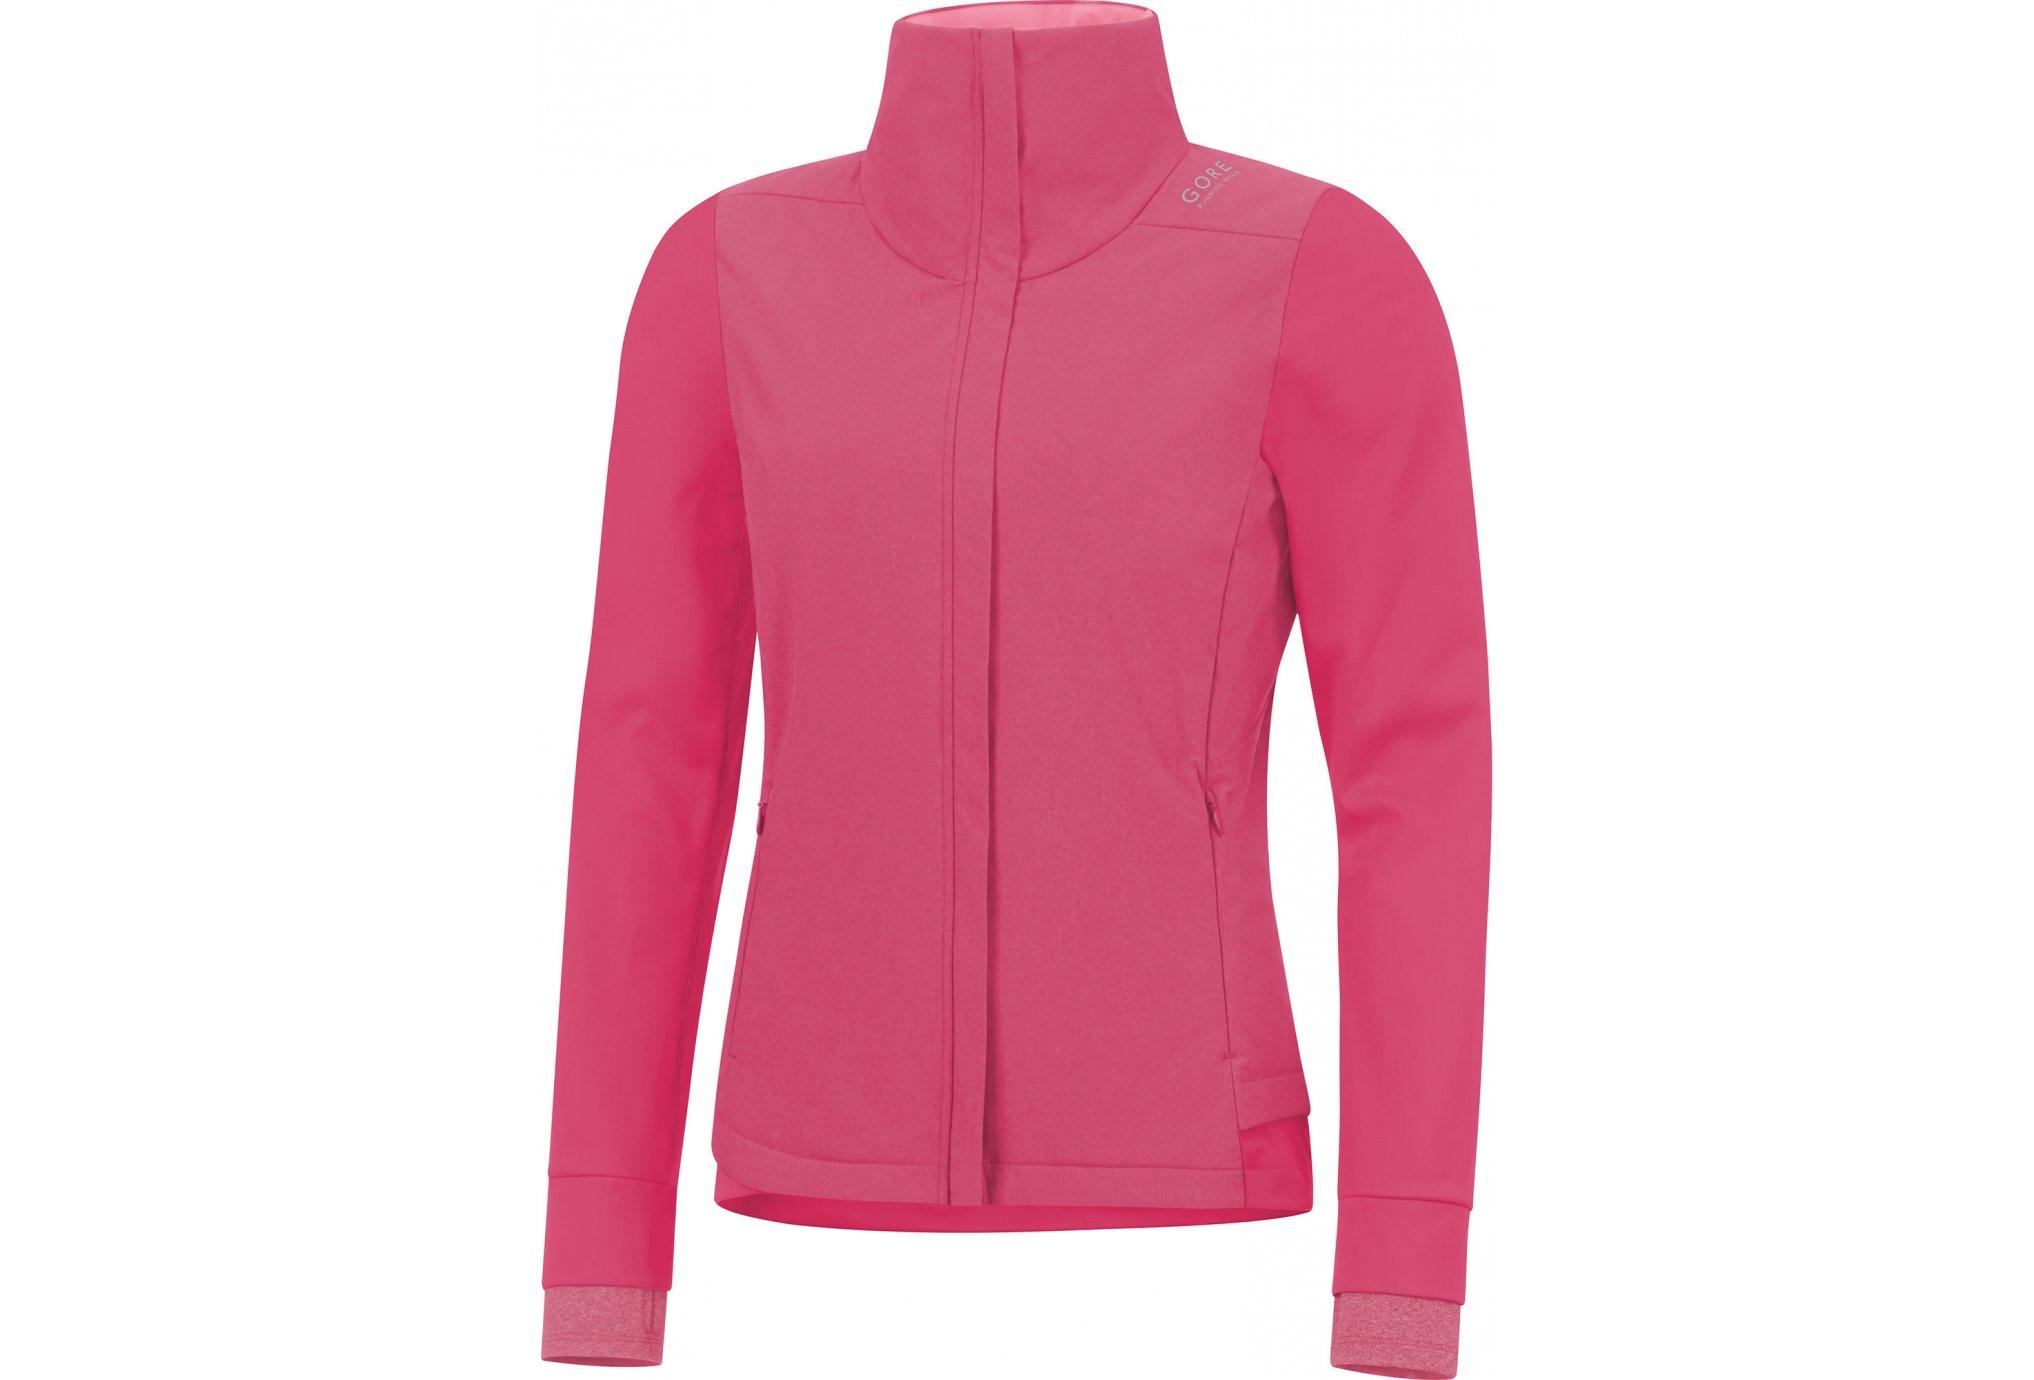 Gore Running Wear Sunlight Gore Windstopper Primaloft W vêtement running femme